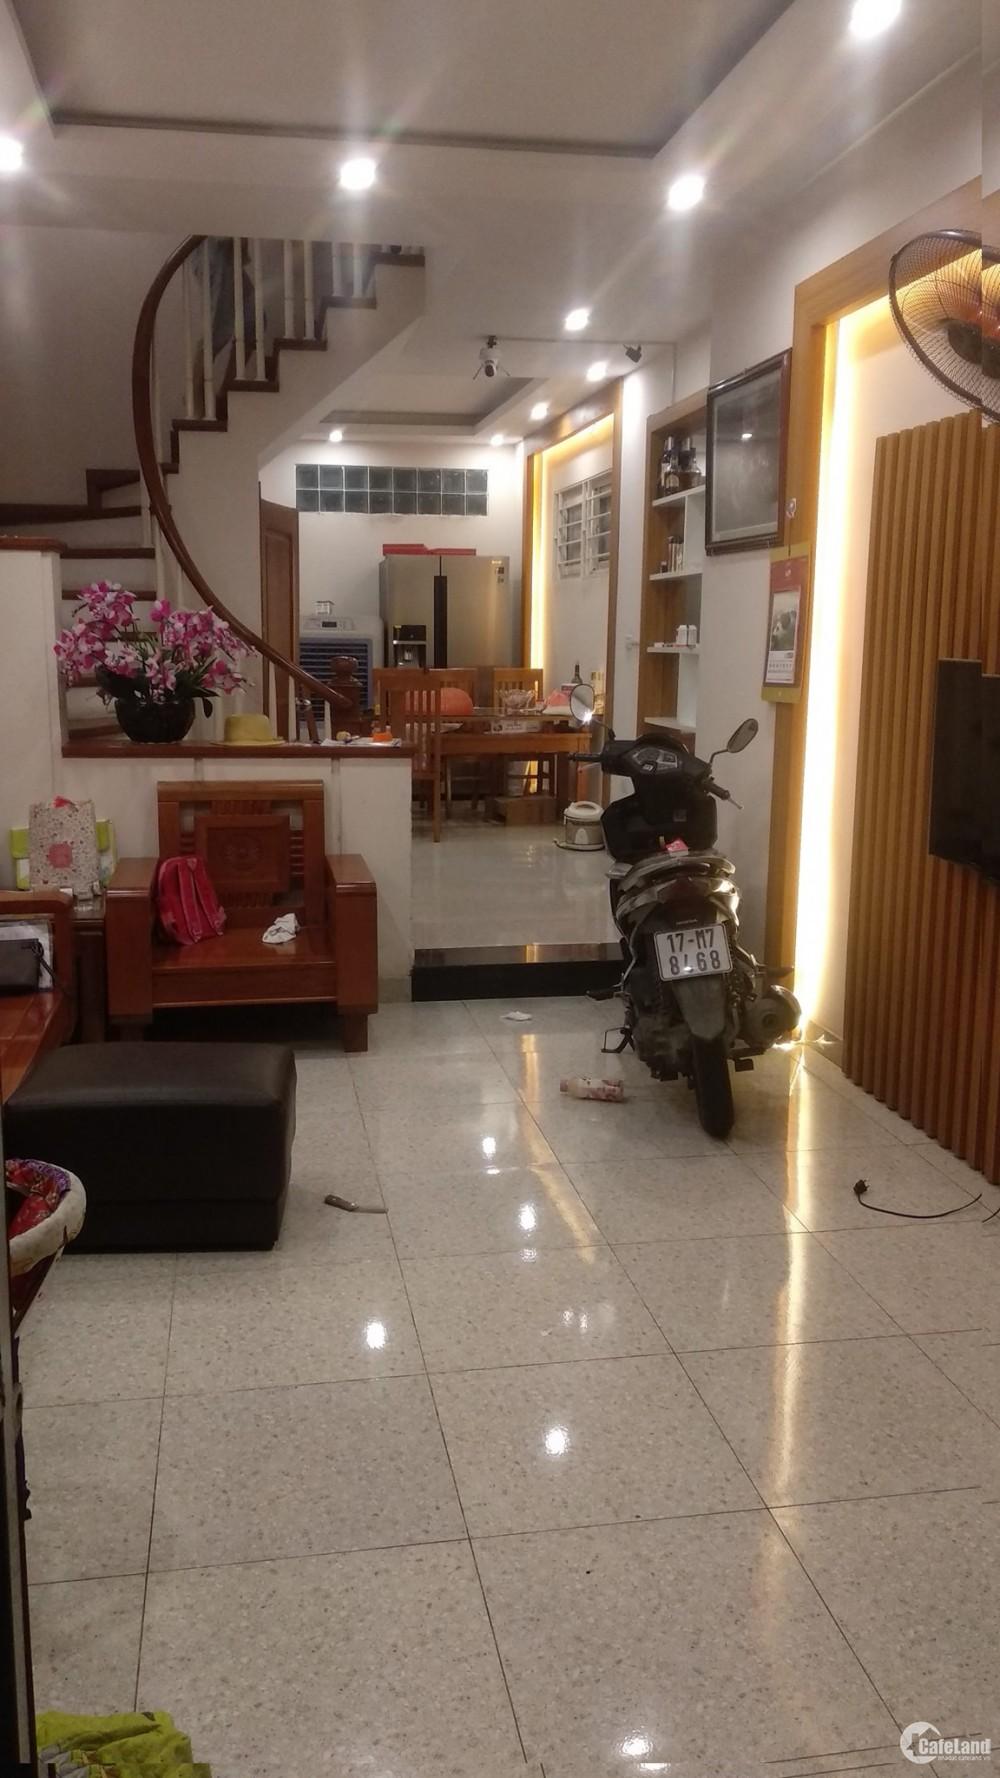 Bán nhà Lương Khánh Thiện, 46m2, 5 tầng, ô tô đỗ, 3 tỷ. LH: 0942216262